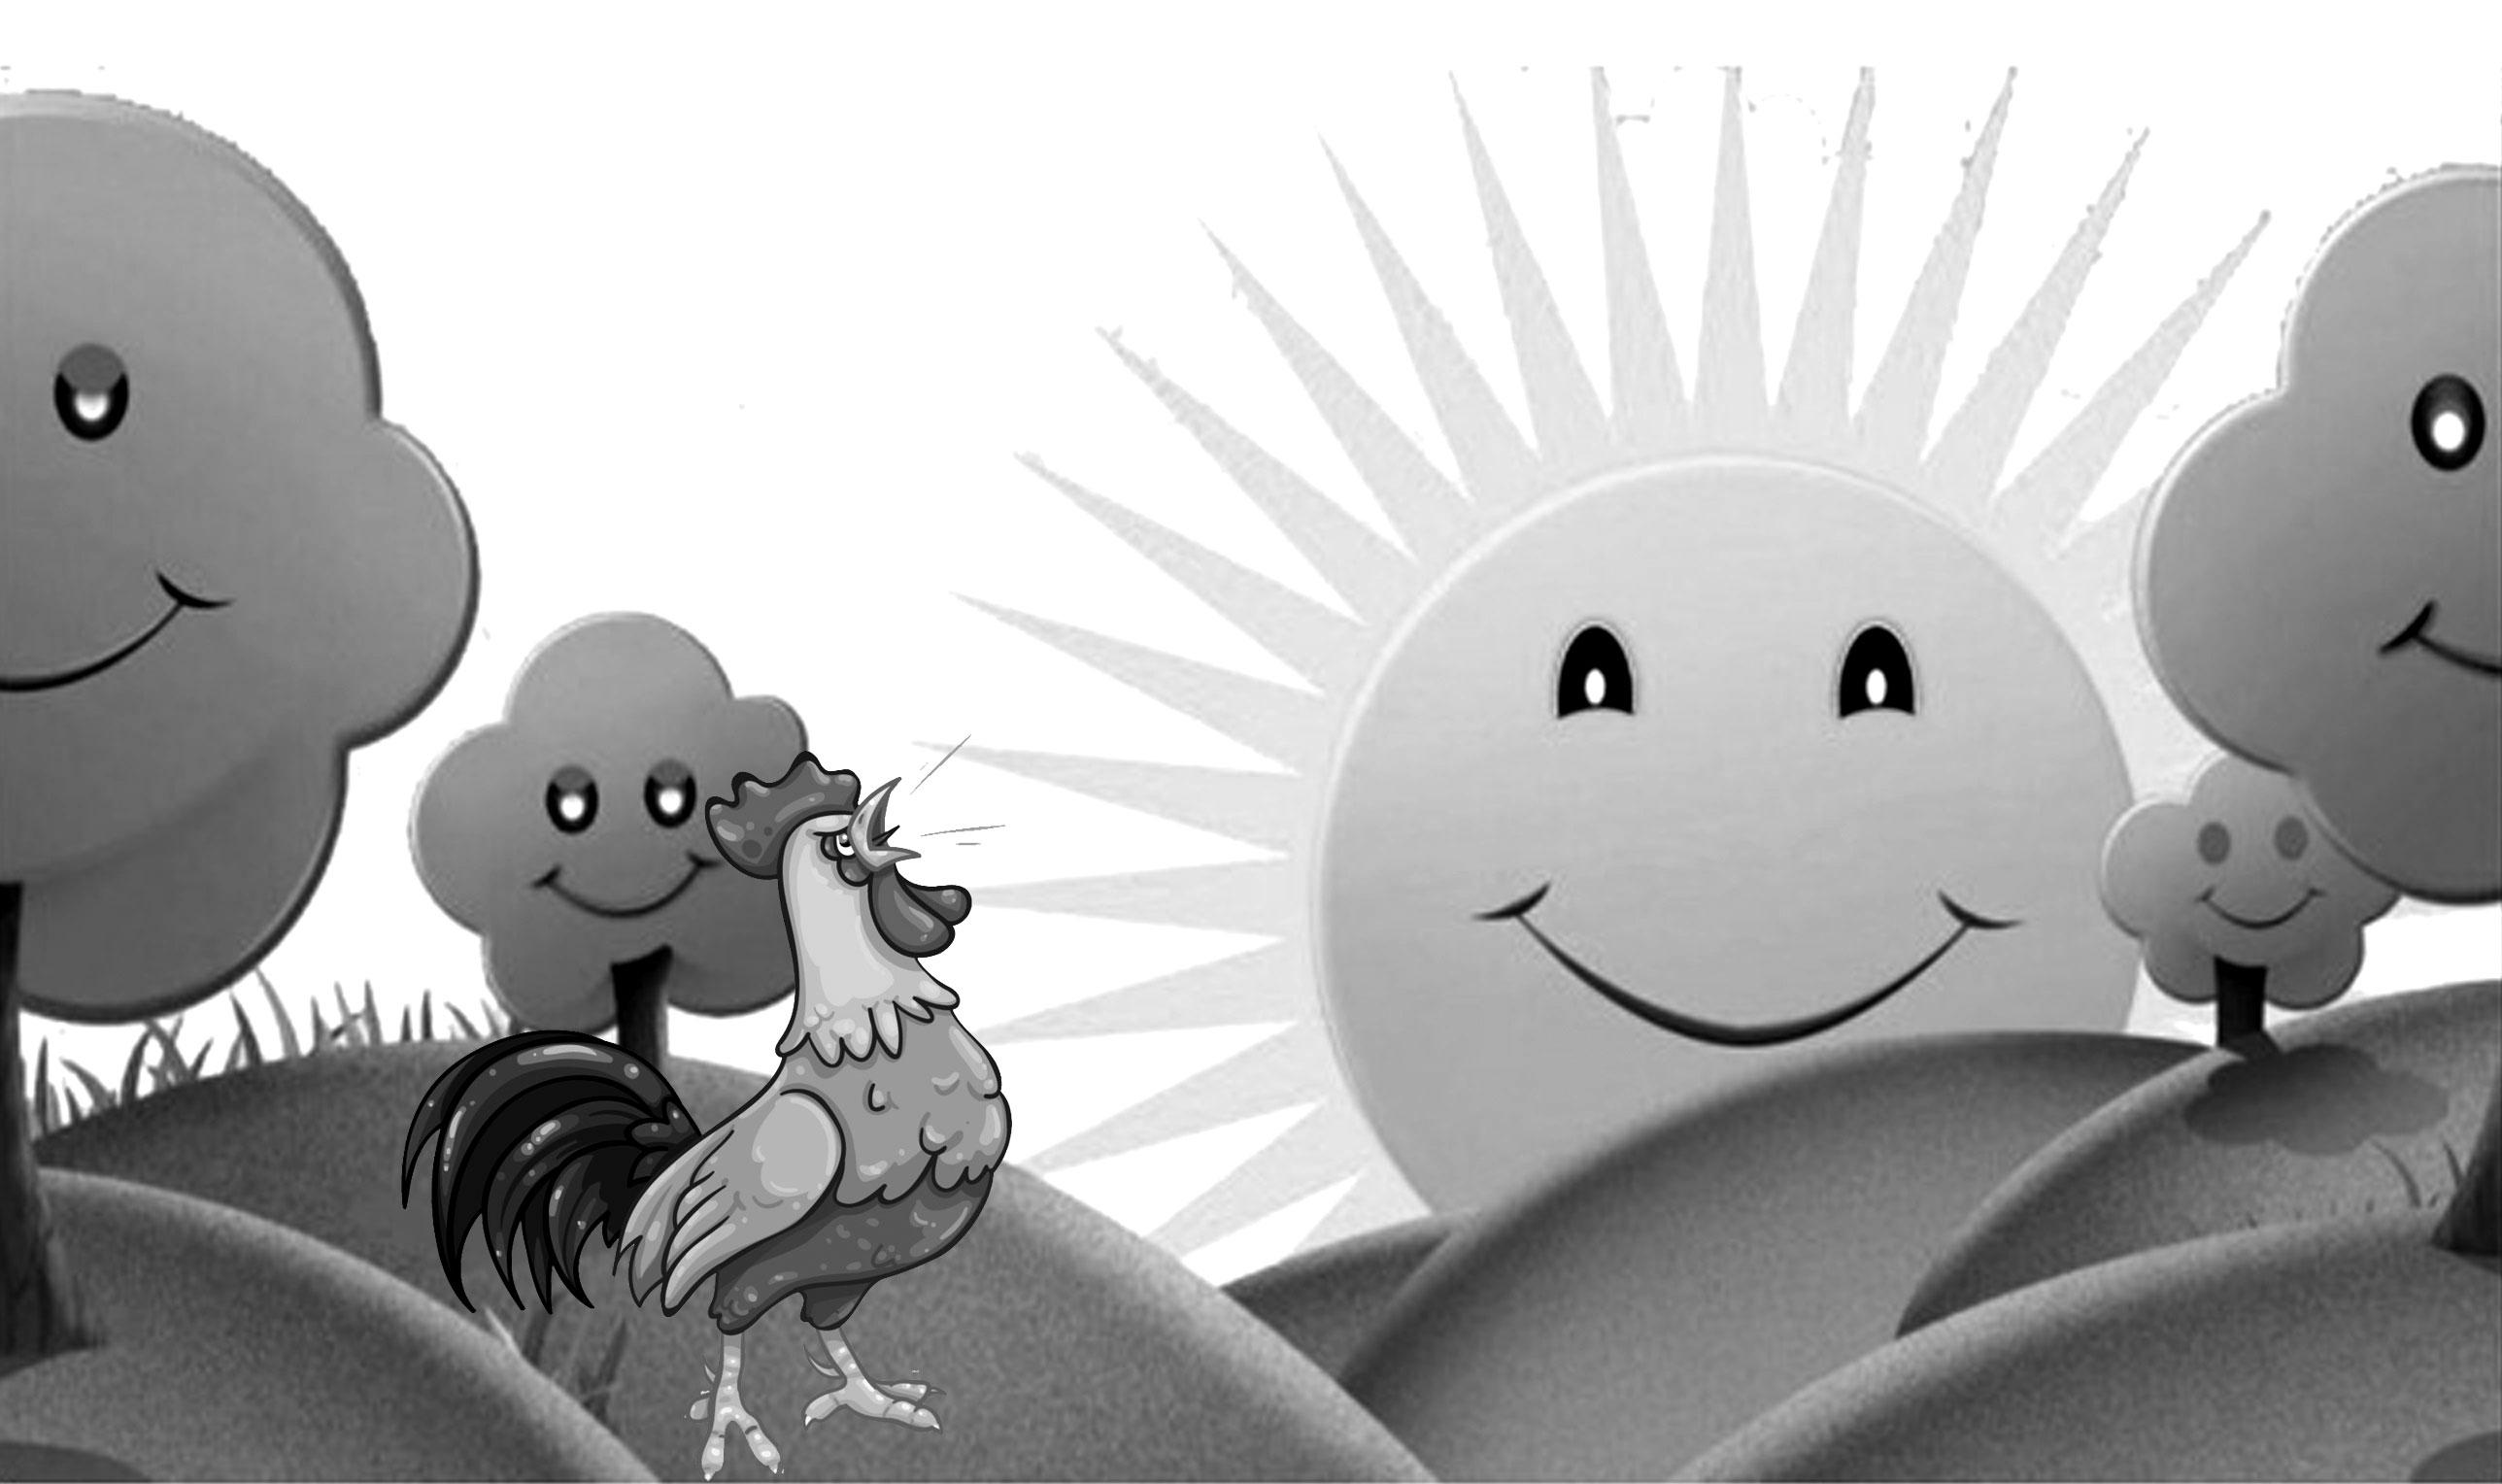 এসএসসি পরীক্ষার প্রস্তুতি বাংলা দ্বিতীয় পত্র